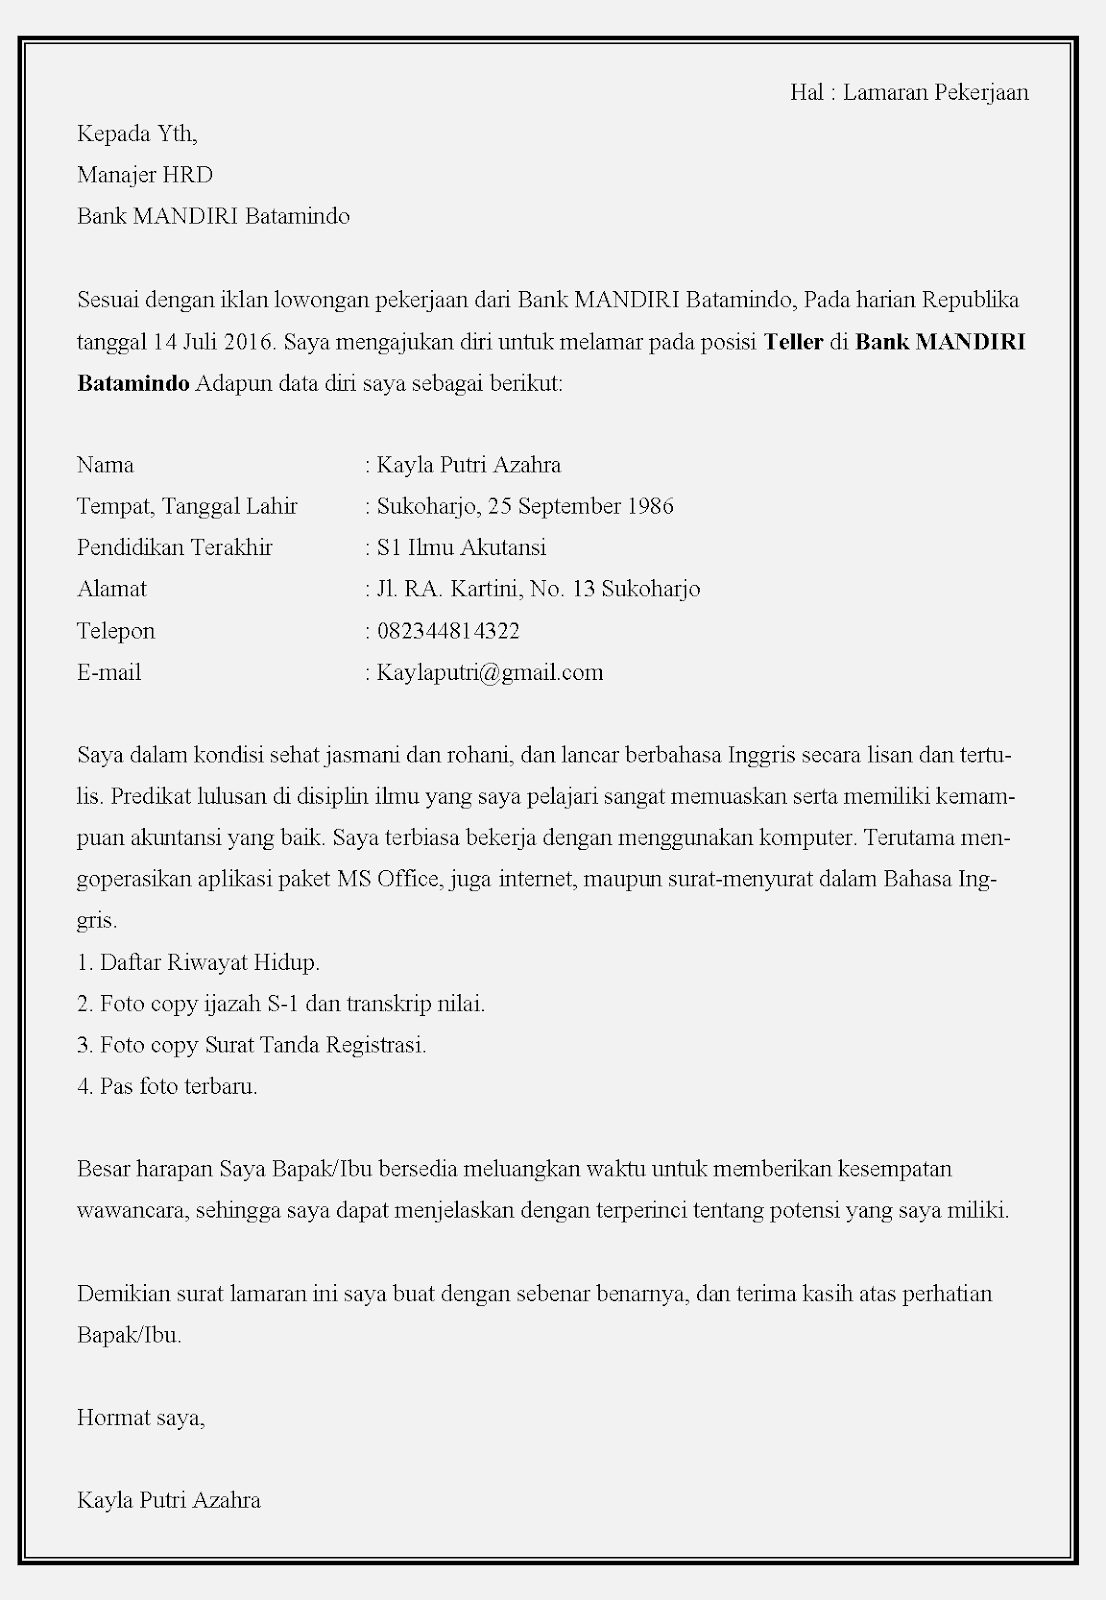 10 Contoh Surat Lamaran Kerja Bank Mandiri Contoh Surat